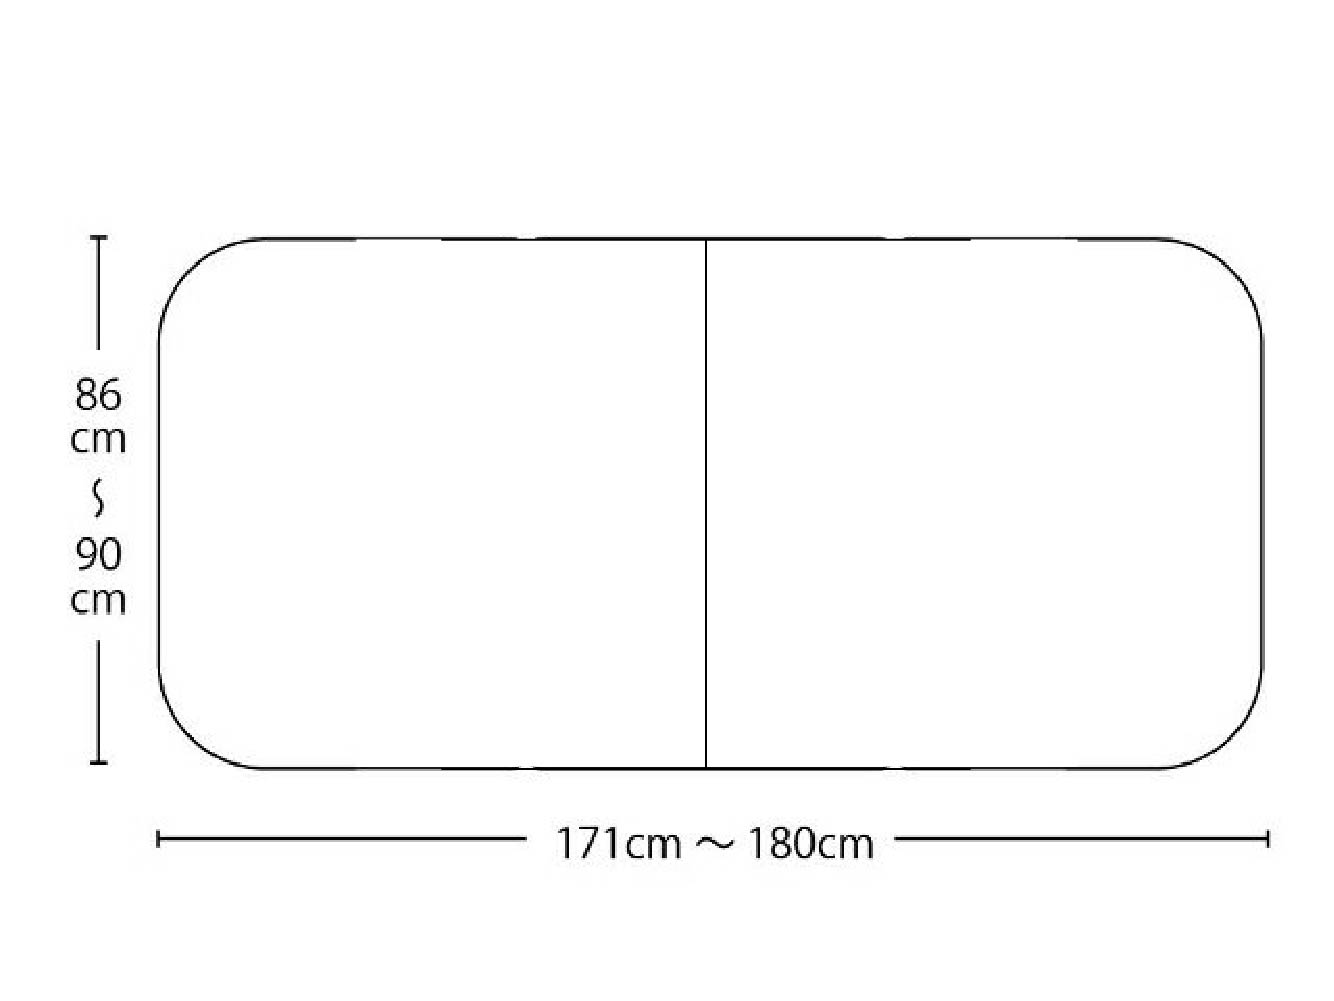 とってもエコ!で大人気の 『冷めにく~い風呂ふた』 にオーダーメイドが登場! 【送料無料】オーダーメイドさめにくい風呂ふたneo 奥行86~90×間口171~180cm 2枚割_